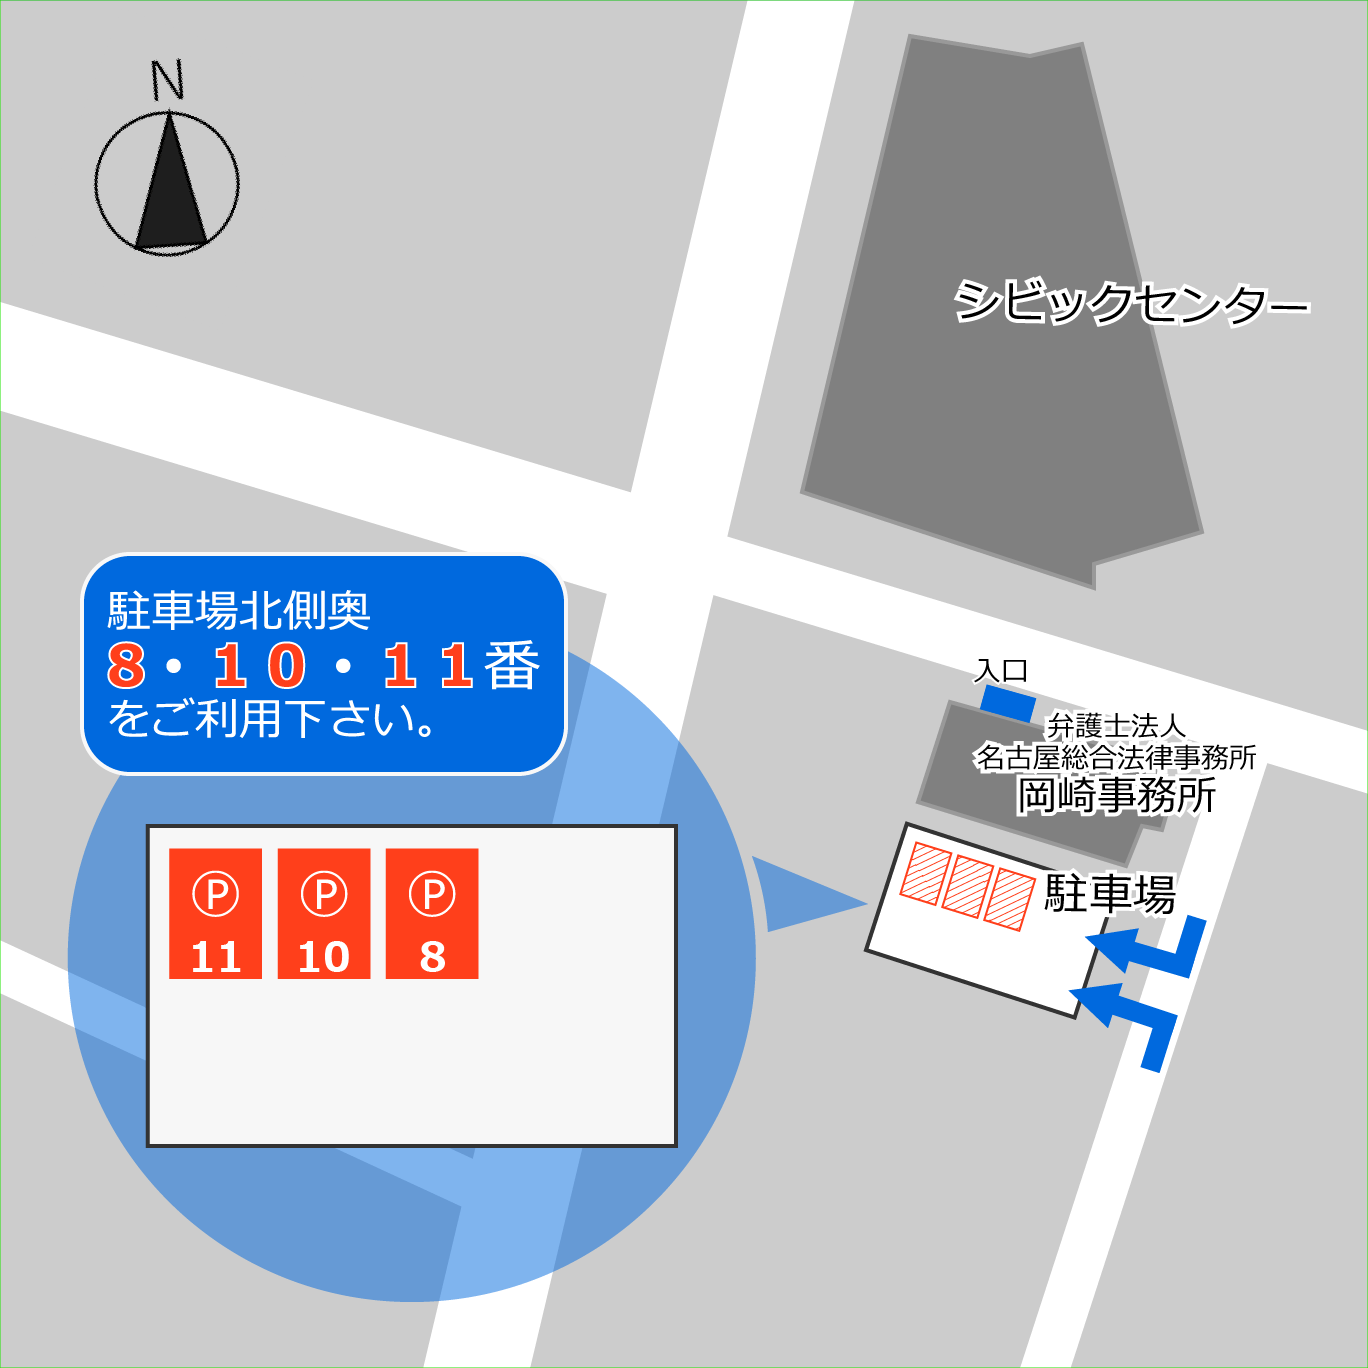 岡崎事務所駐車場地図